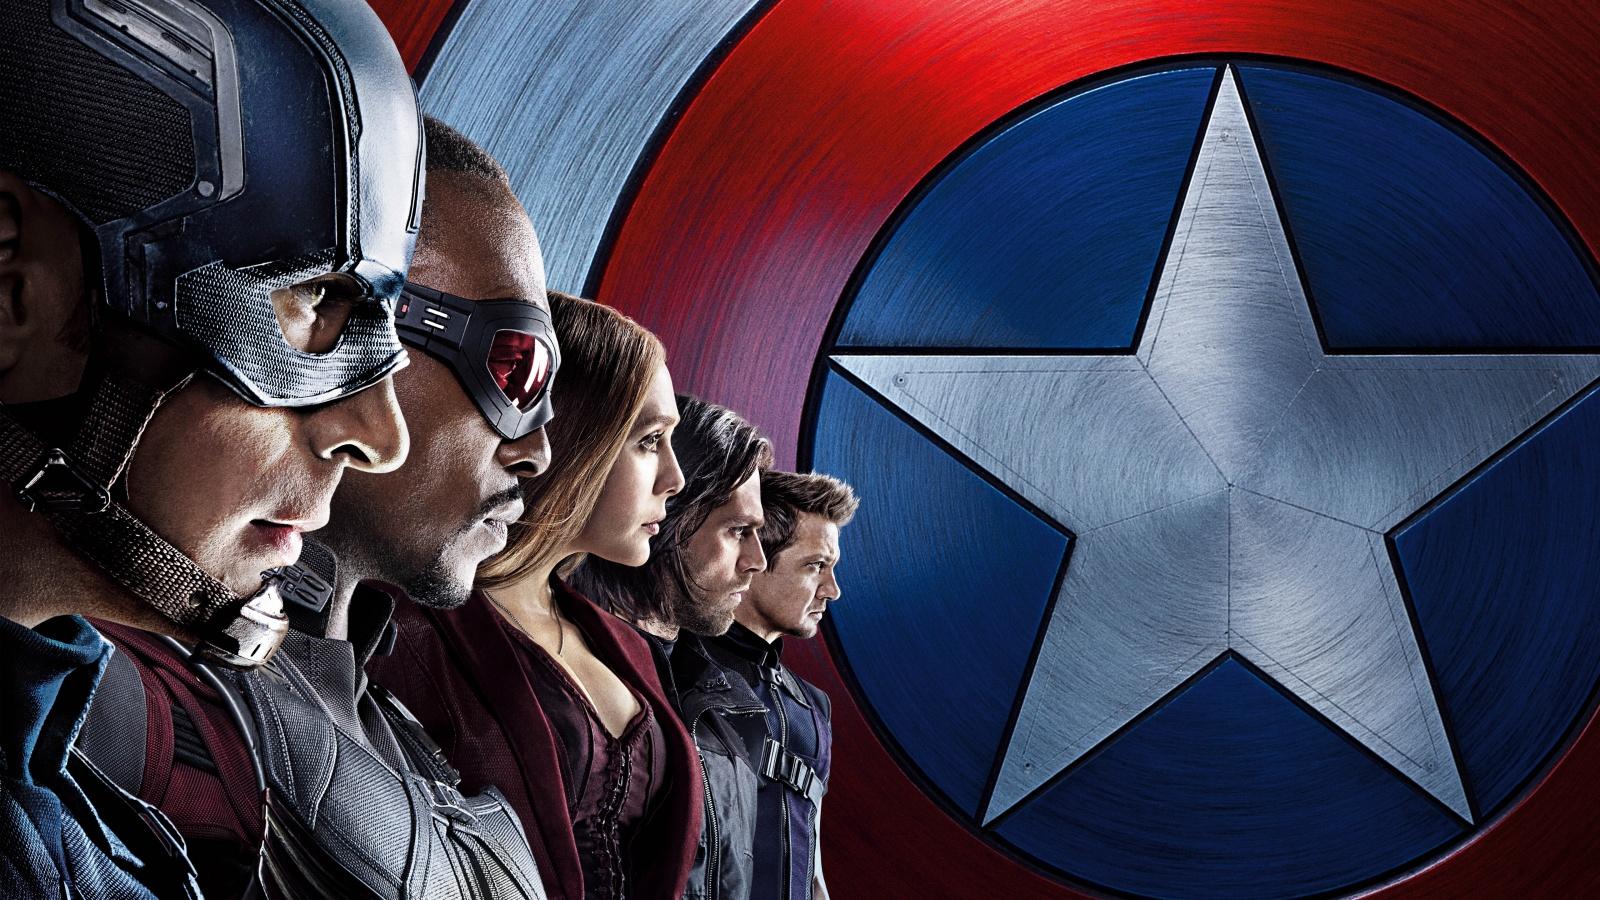 Captain America Civil War Team Wallpapers | HD Wallpapers